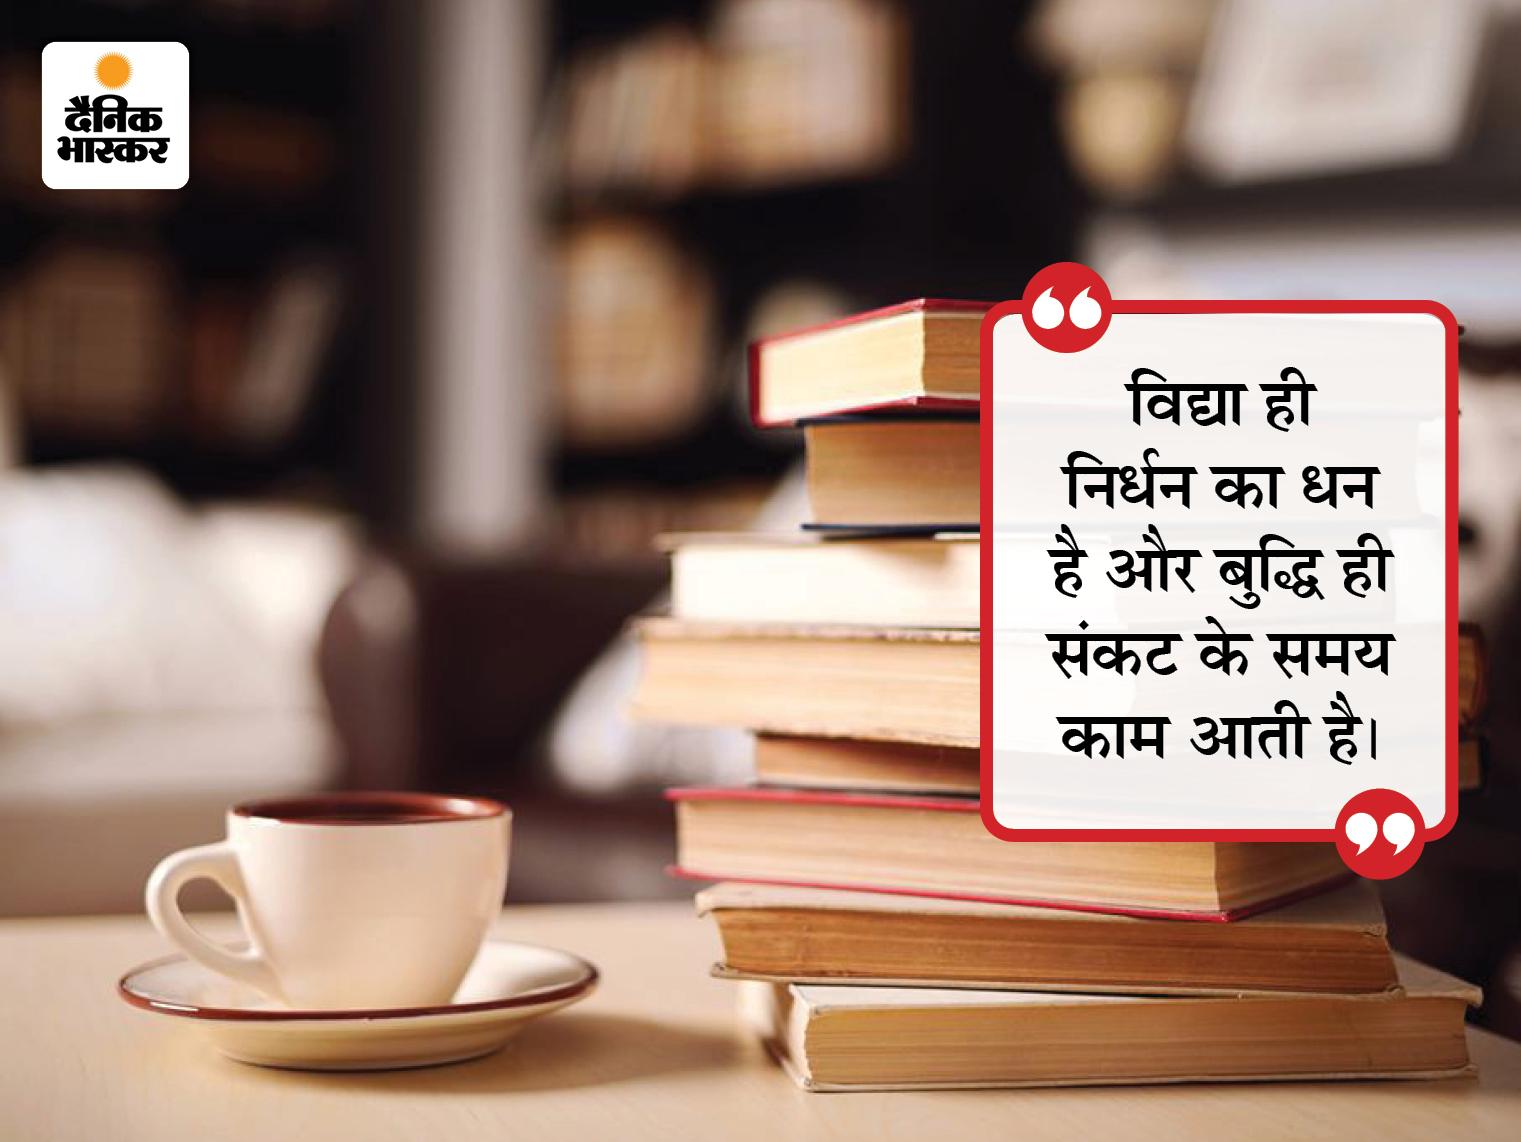 कोई भी व्यक्ति तब तक हारता नहीं है, जब तक कि वह हिम्मत नहीं हारता है|धर्म,Dharm - Dainik Bhaskar